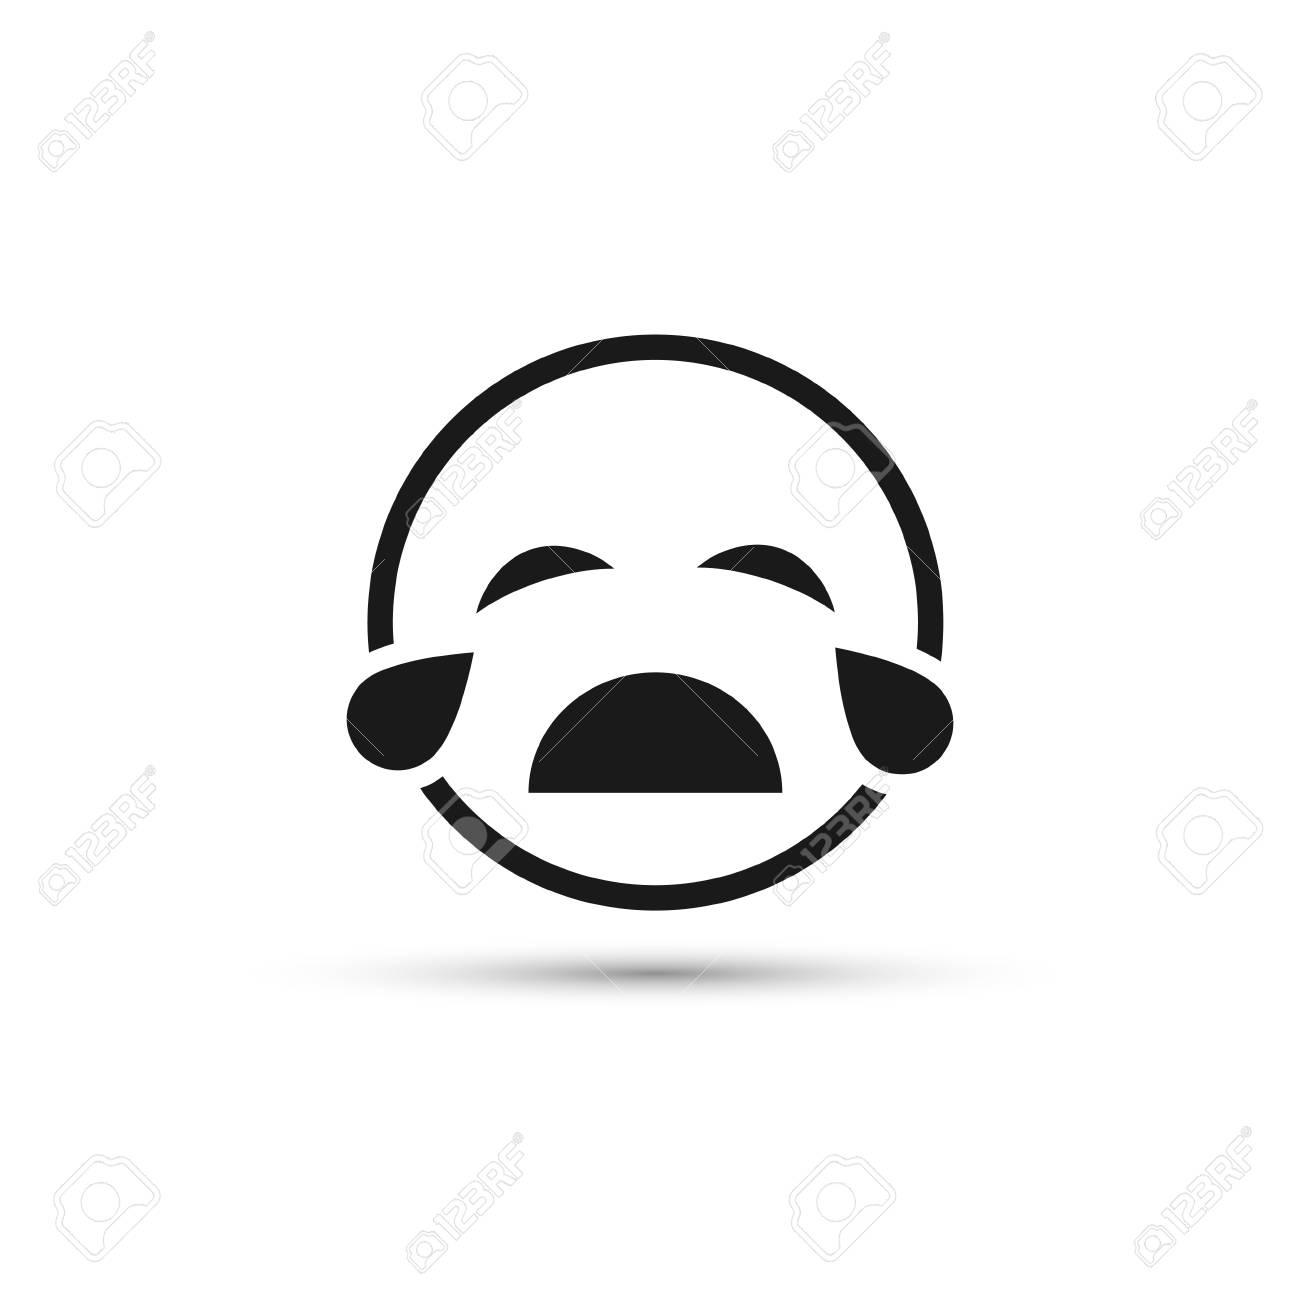 Icone De Ligne Smiley Qui Pleure Emoticone Unique De Vecteur Isole Clip Art Libres De Droits Vecteurs Et Illustration Image 74339501